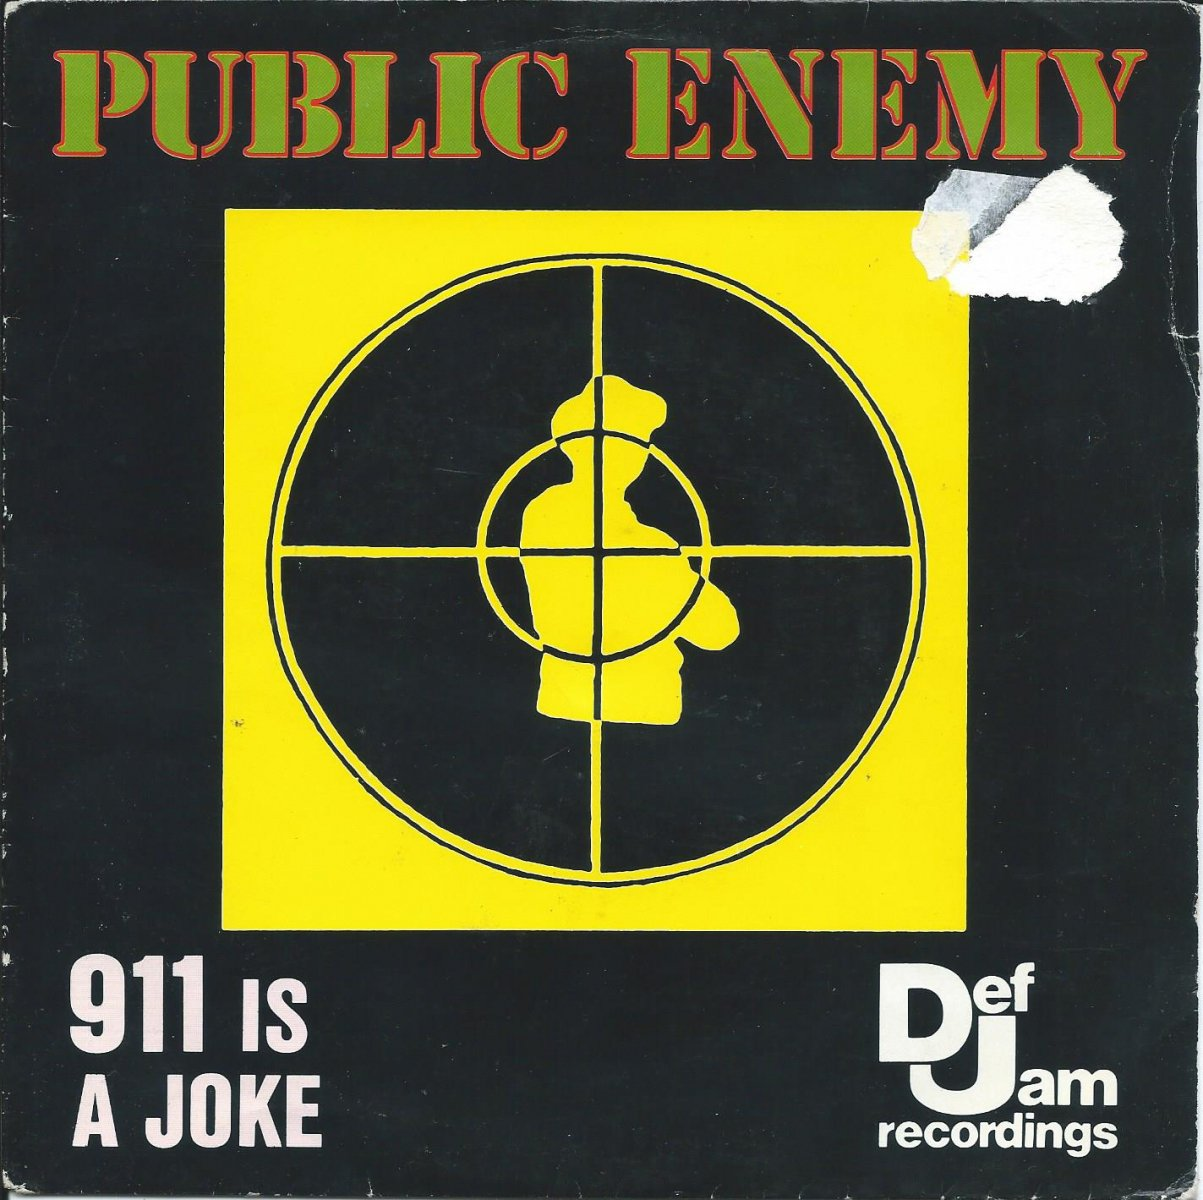 PUBLIC ENEMY / 911 IS A JOKE / REVOLUTIONARY GENERATION (7